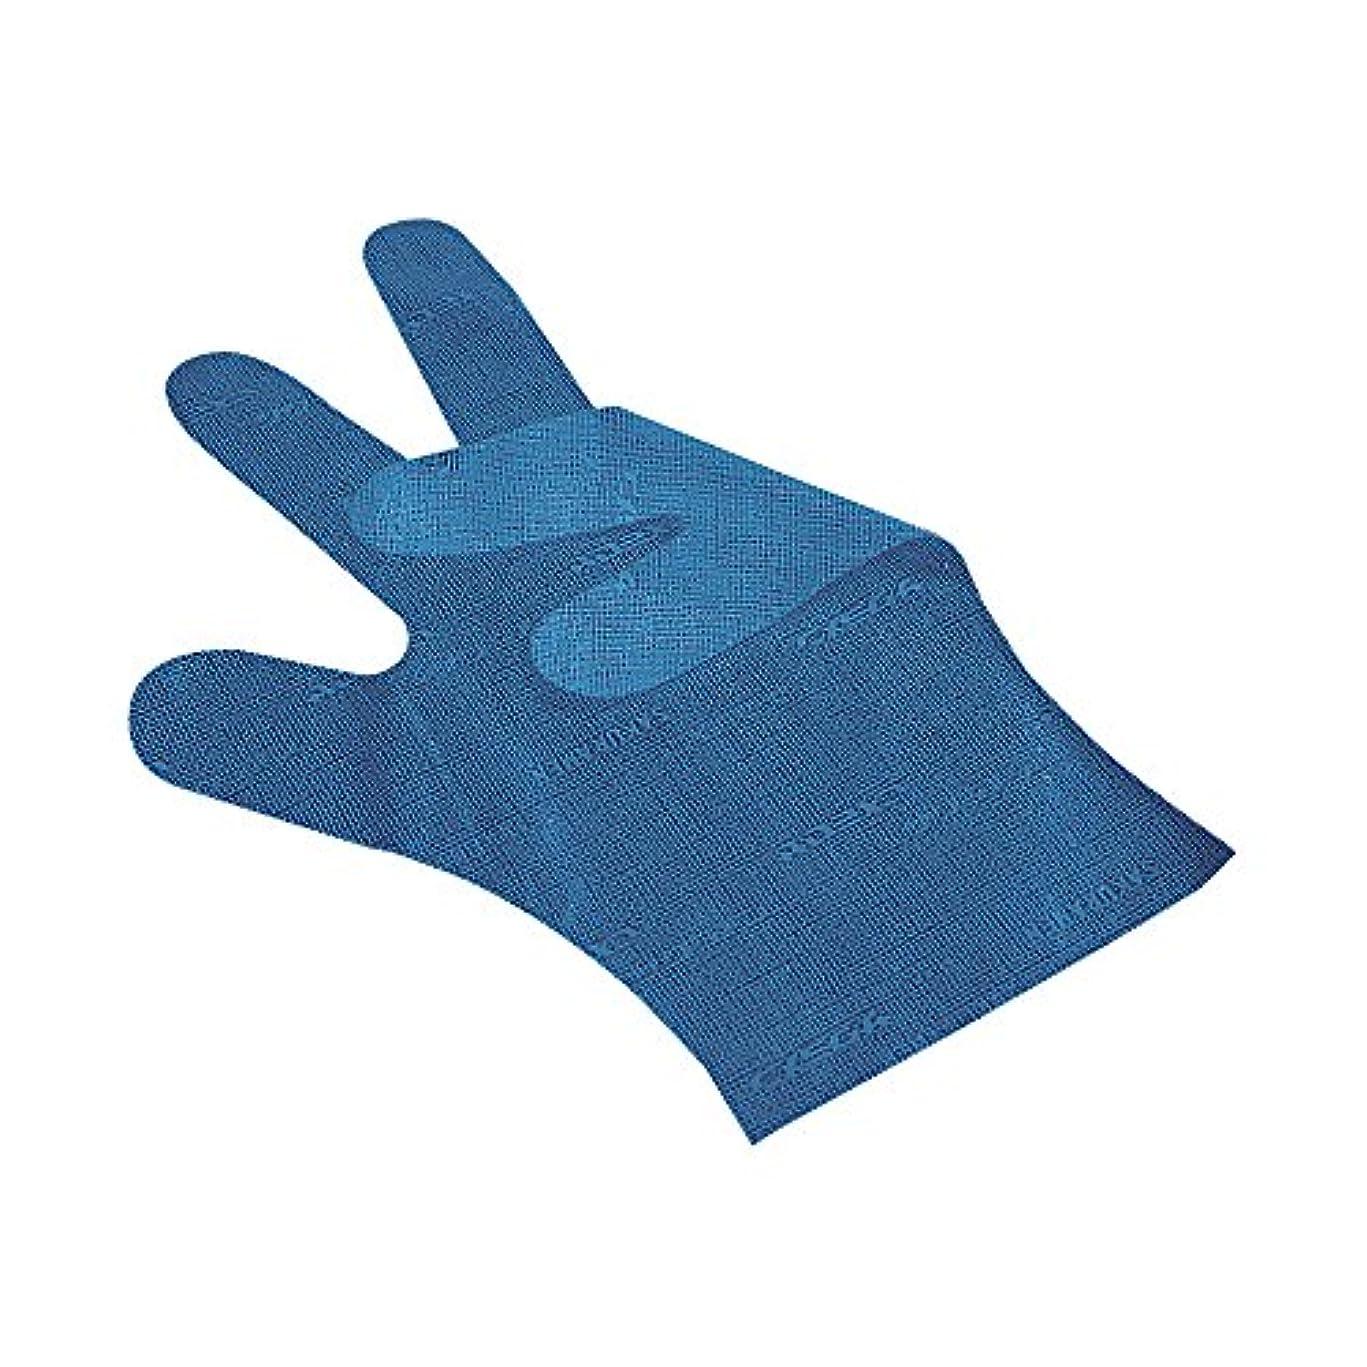 寛容勝つ便利さサクラメンエンボス手袋 デラックス ブルー S 100枚入